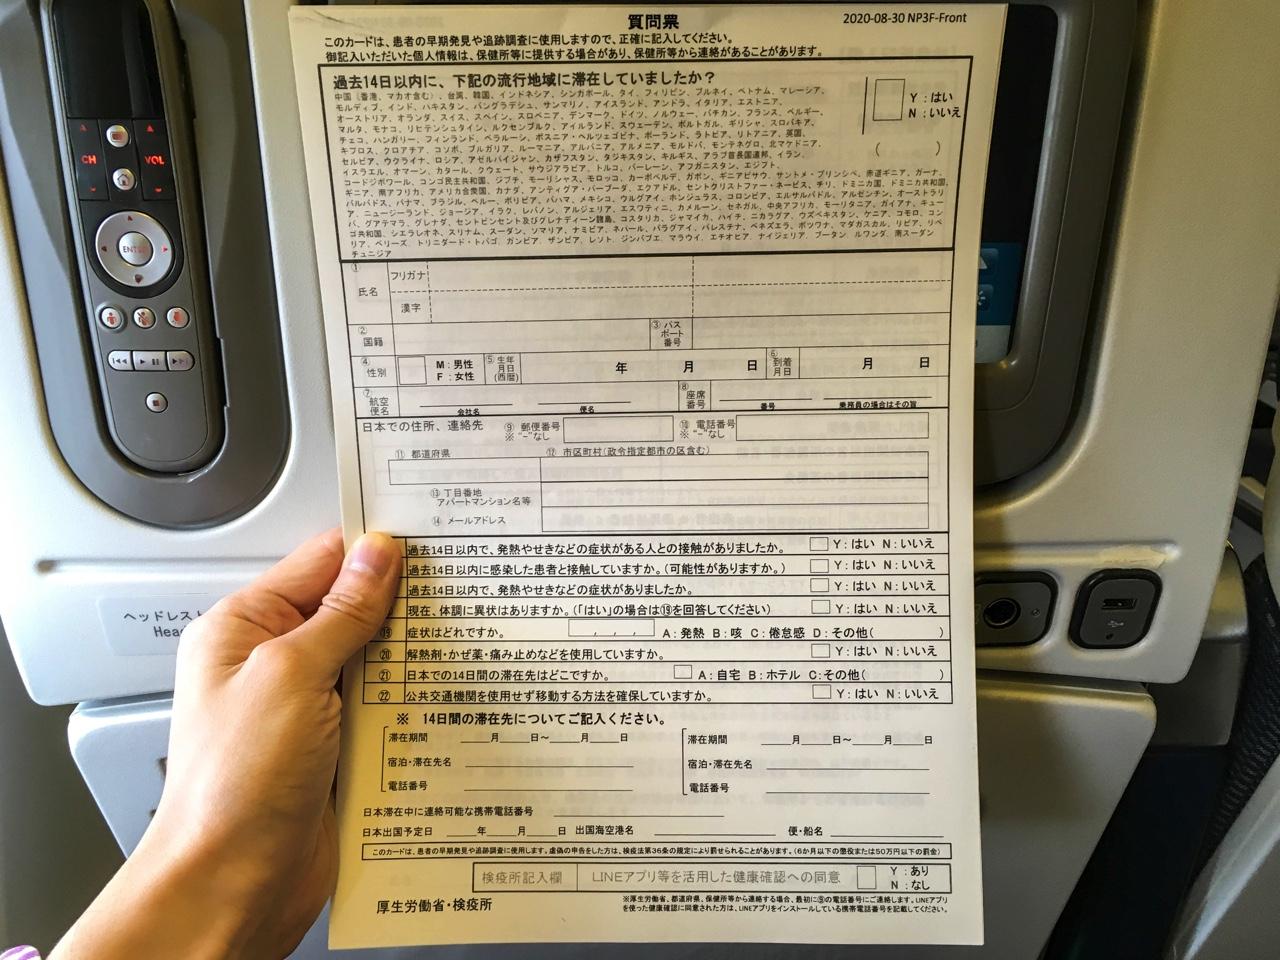 日本入国のための質問票